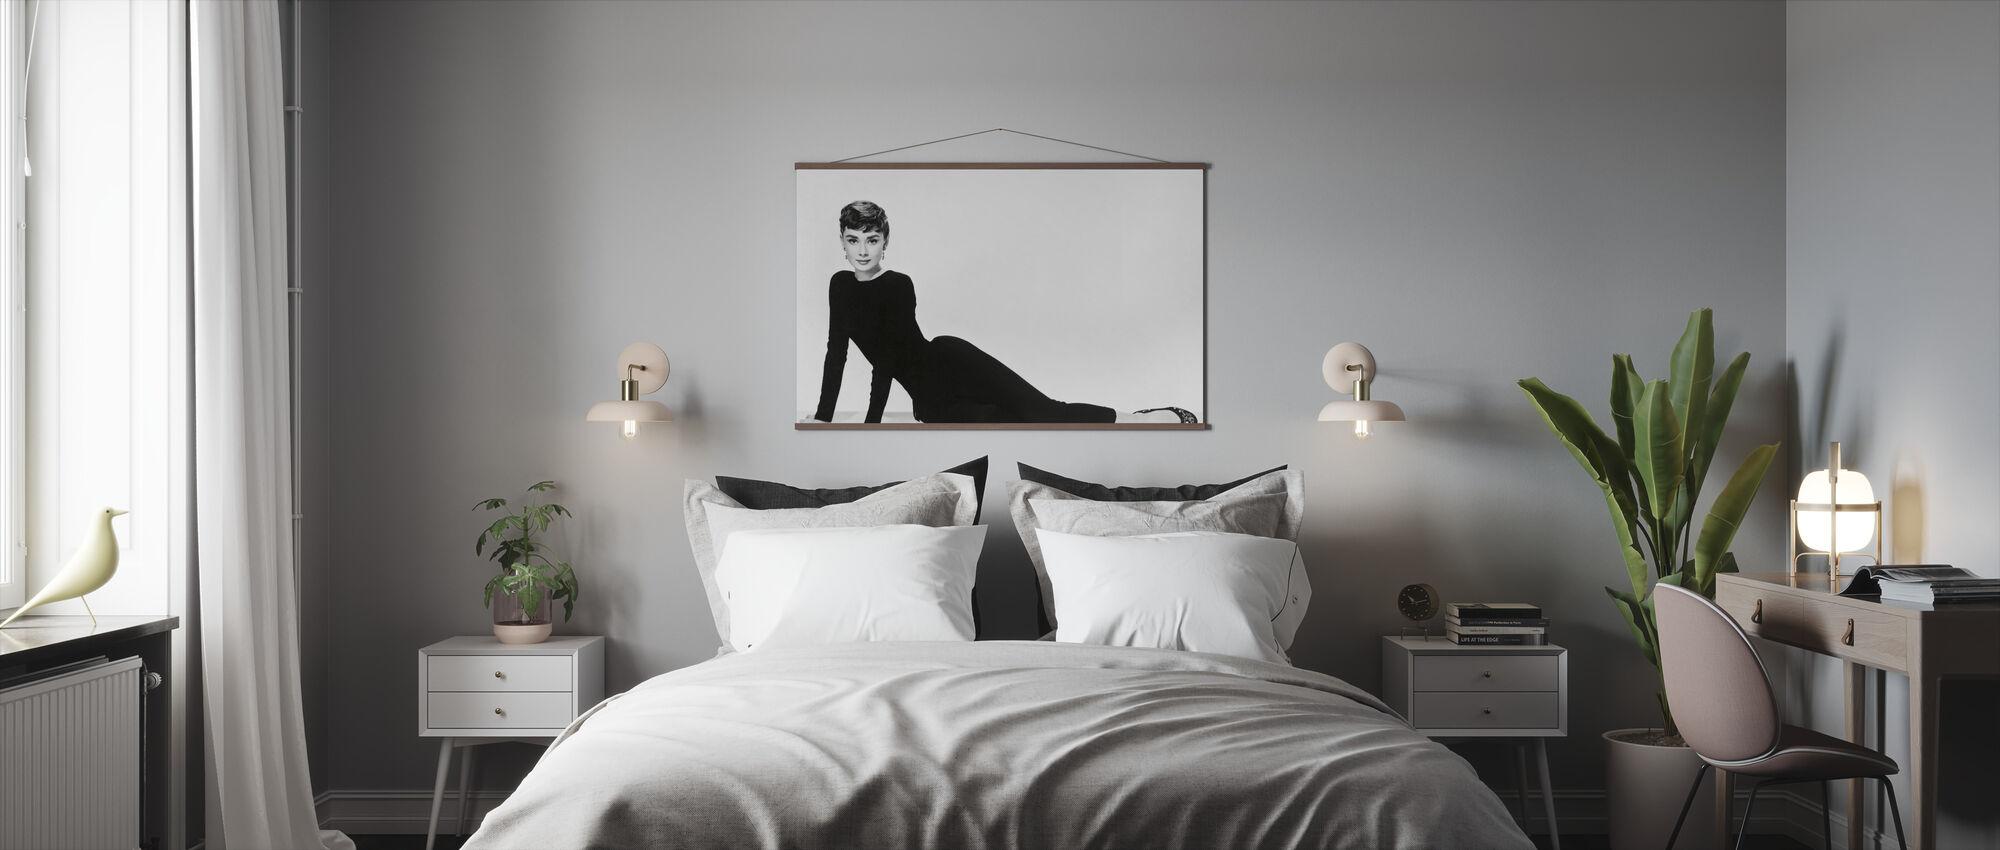 Audrey Hepburn in Sabrina - Poster - Bedroom